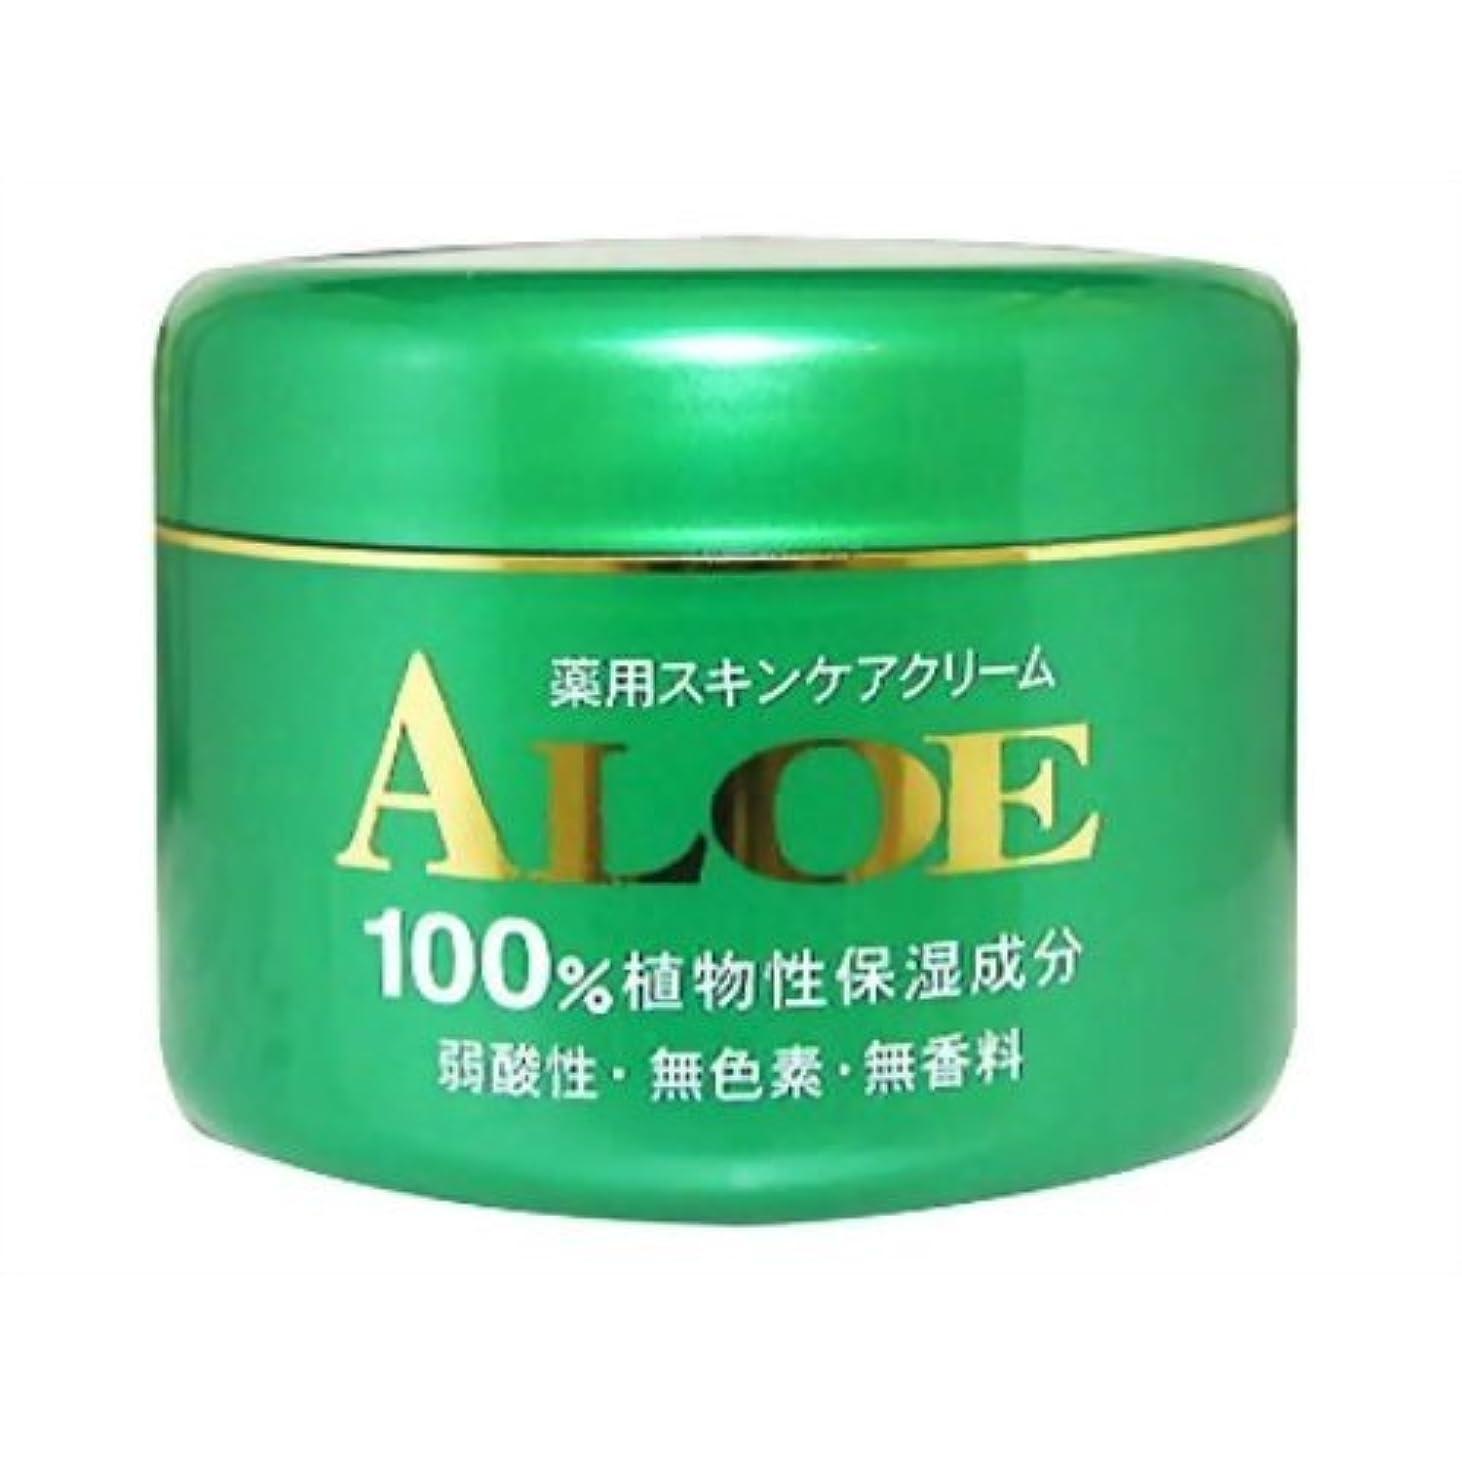 石油サンダー憂鬱なアロエ薬用スキンケアクリーム185g